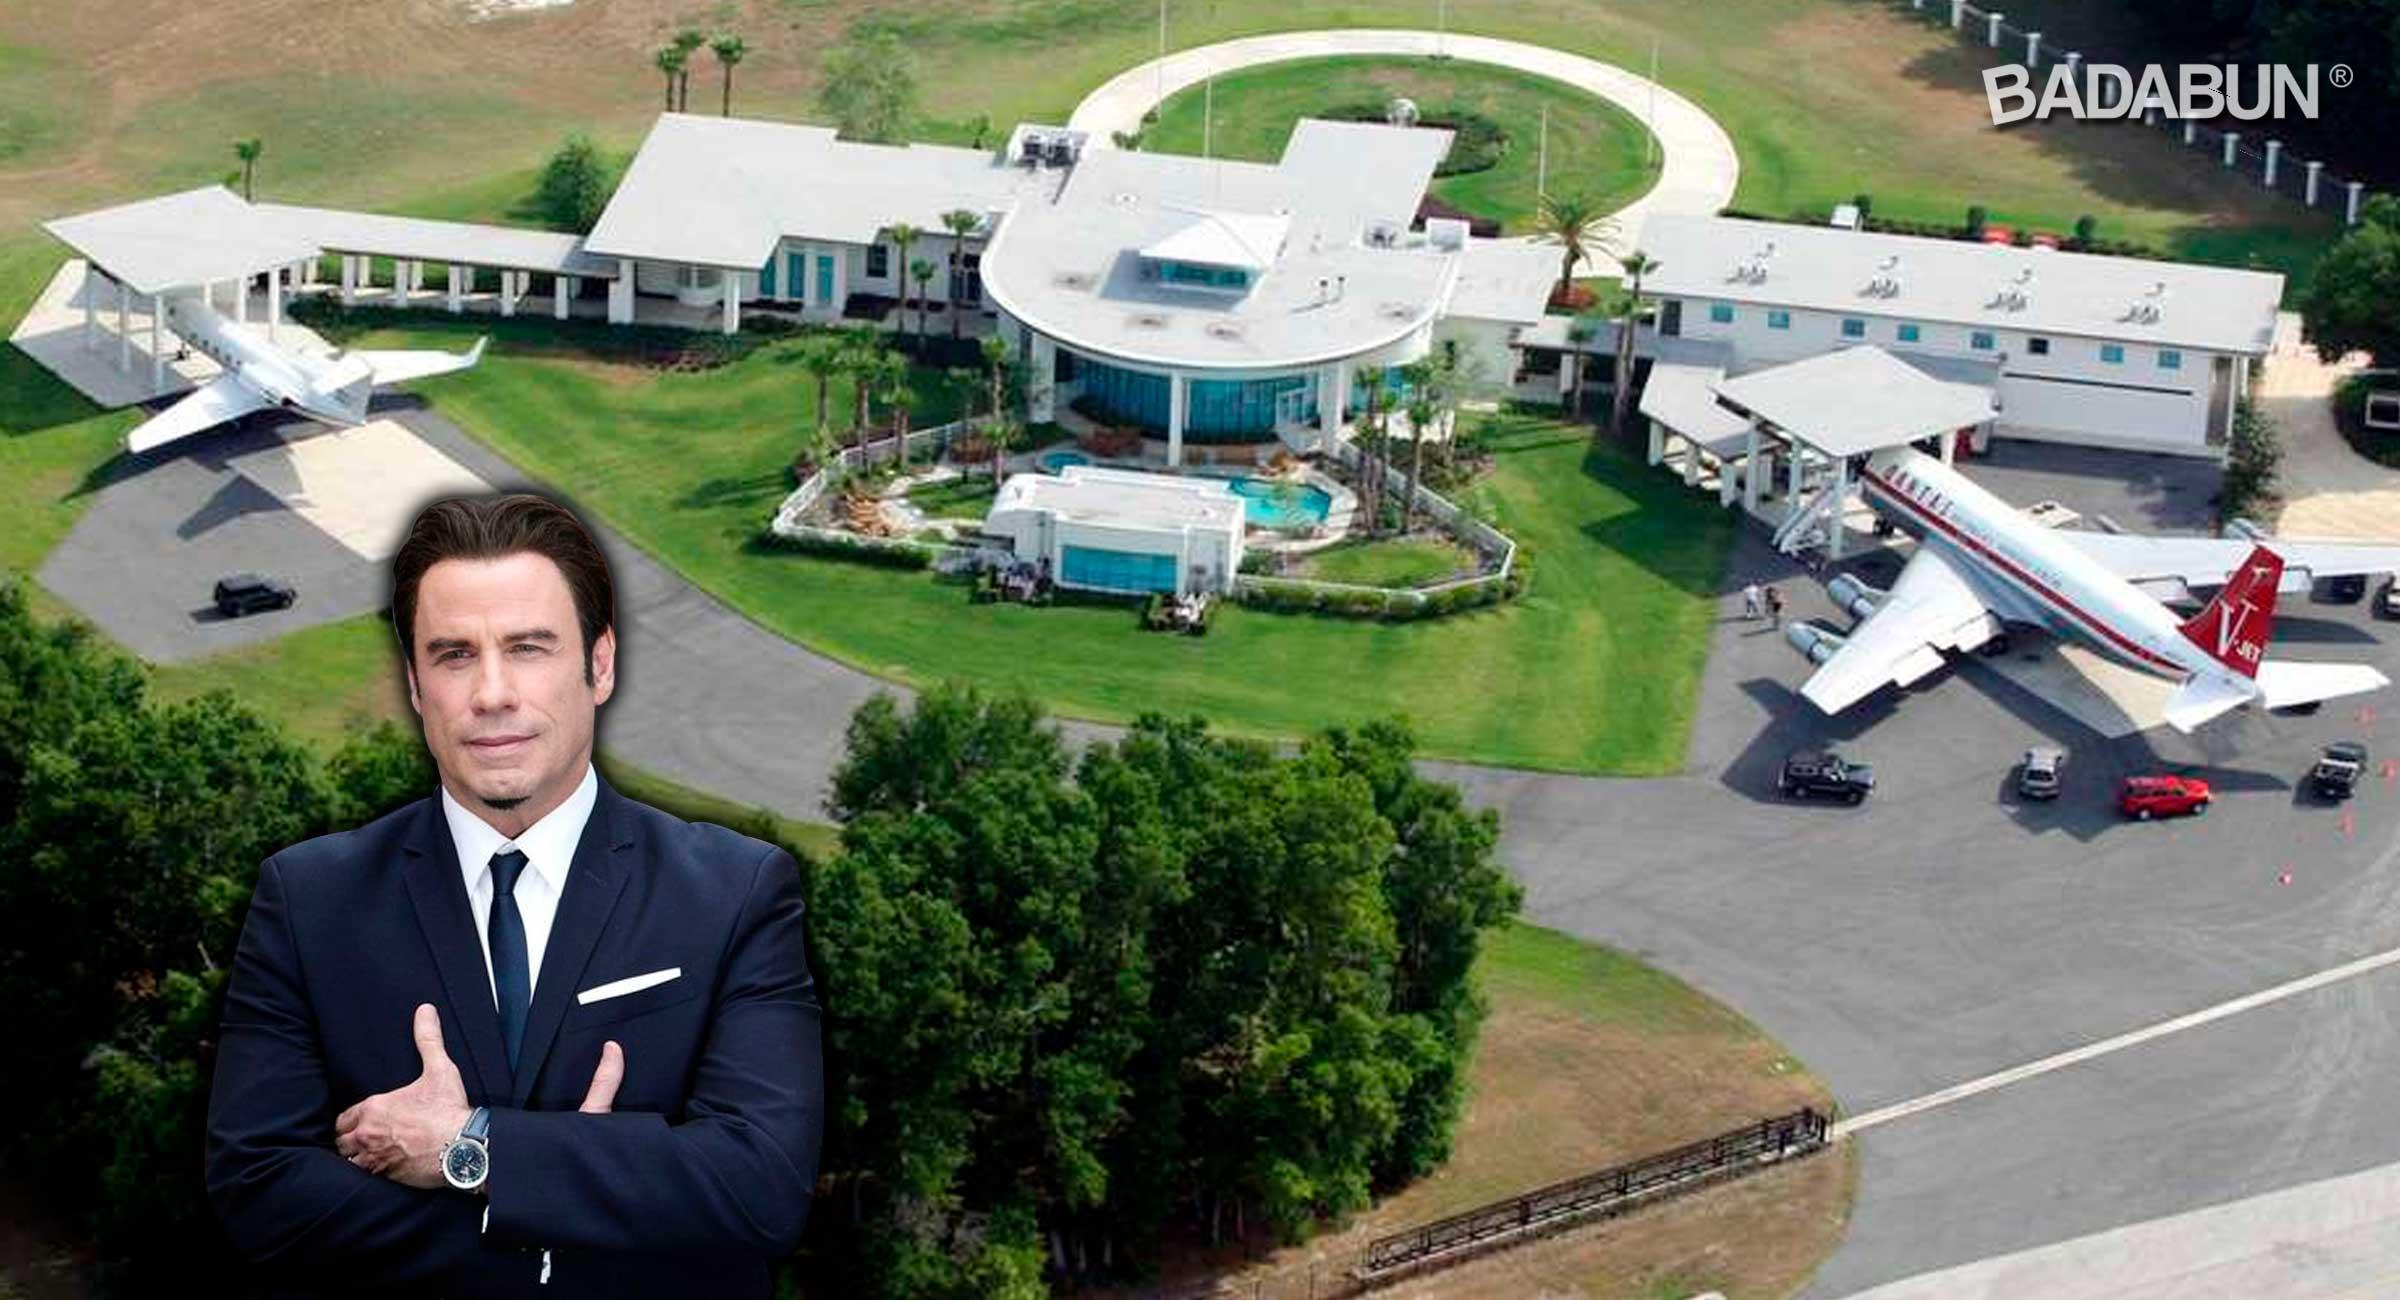 portada-casa-de-famosos-millonarios1